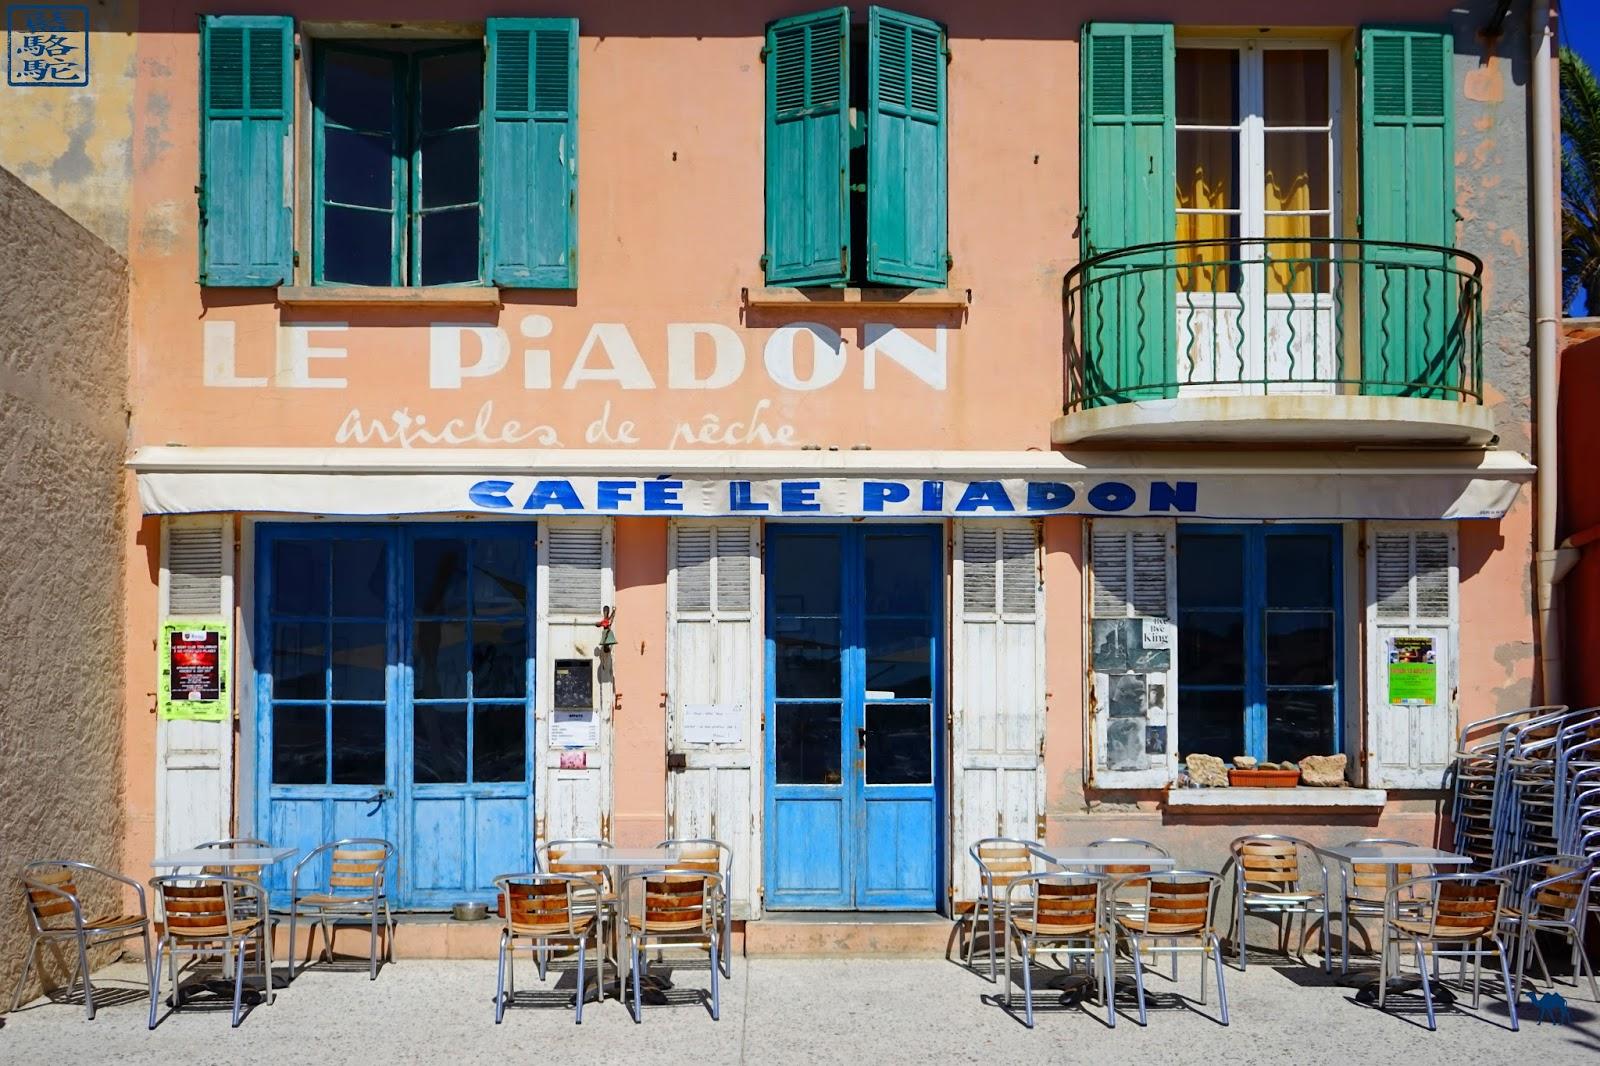 Le Chameau Bleu - Port du Brusc - Le Piadon - Var